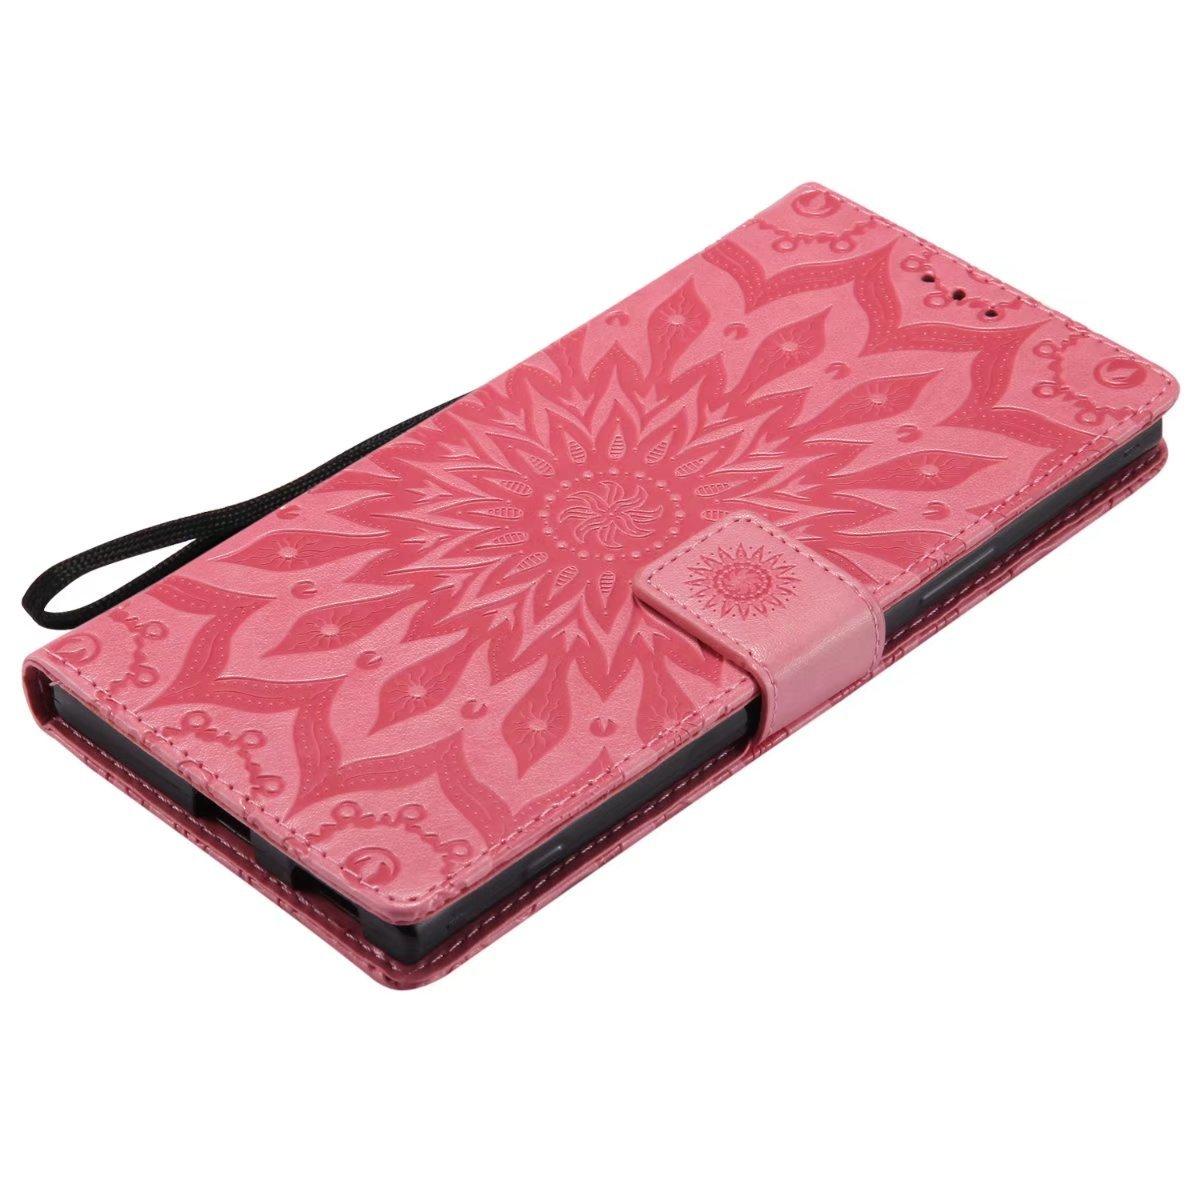 Ougger Coque pour Sony Xperia XA1 Ultra Etui Housse Flore des Fleurs Portefeuille PU Cuir Silicone Housse Etui Magn/étique Protecteur Pochette Cover avec Fente pour Carte Rose Or